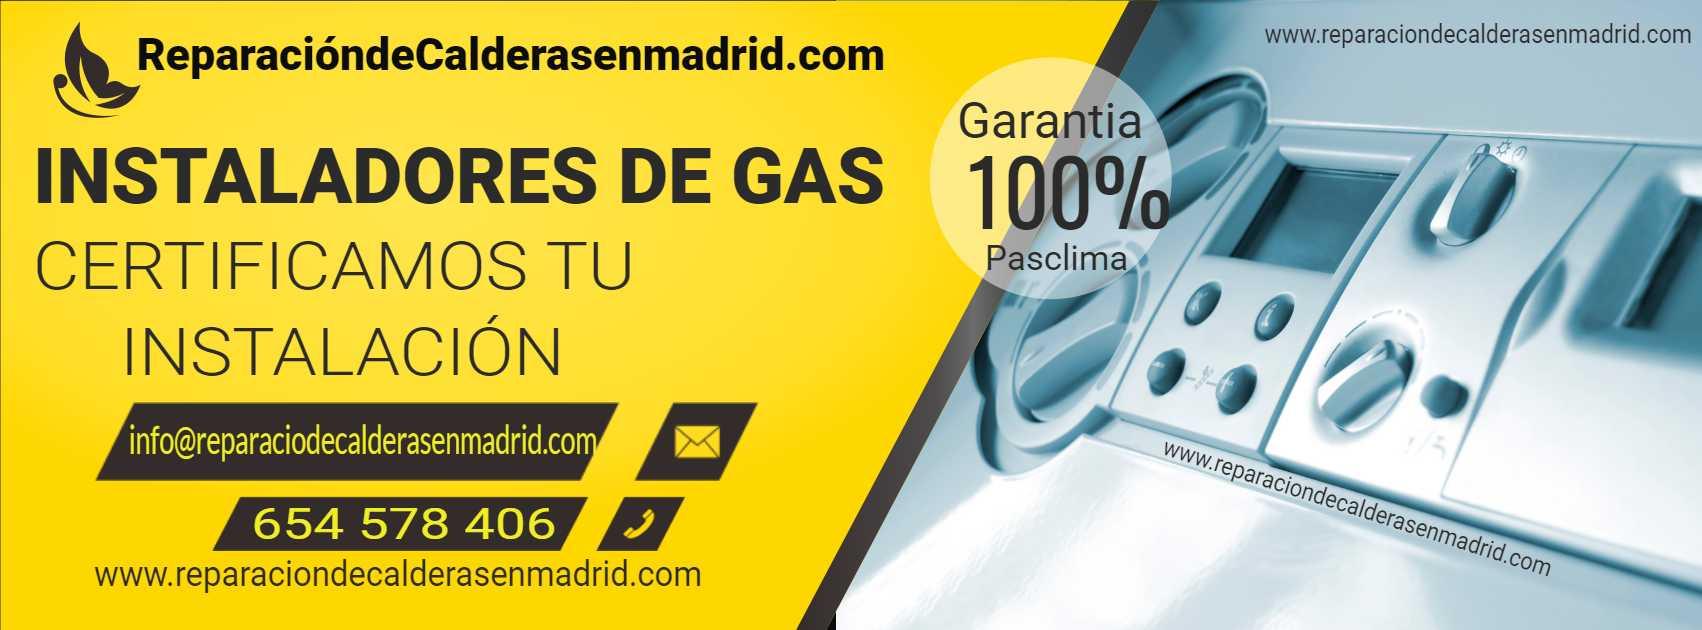 instalador de gas en madrid